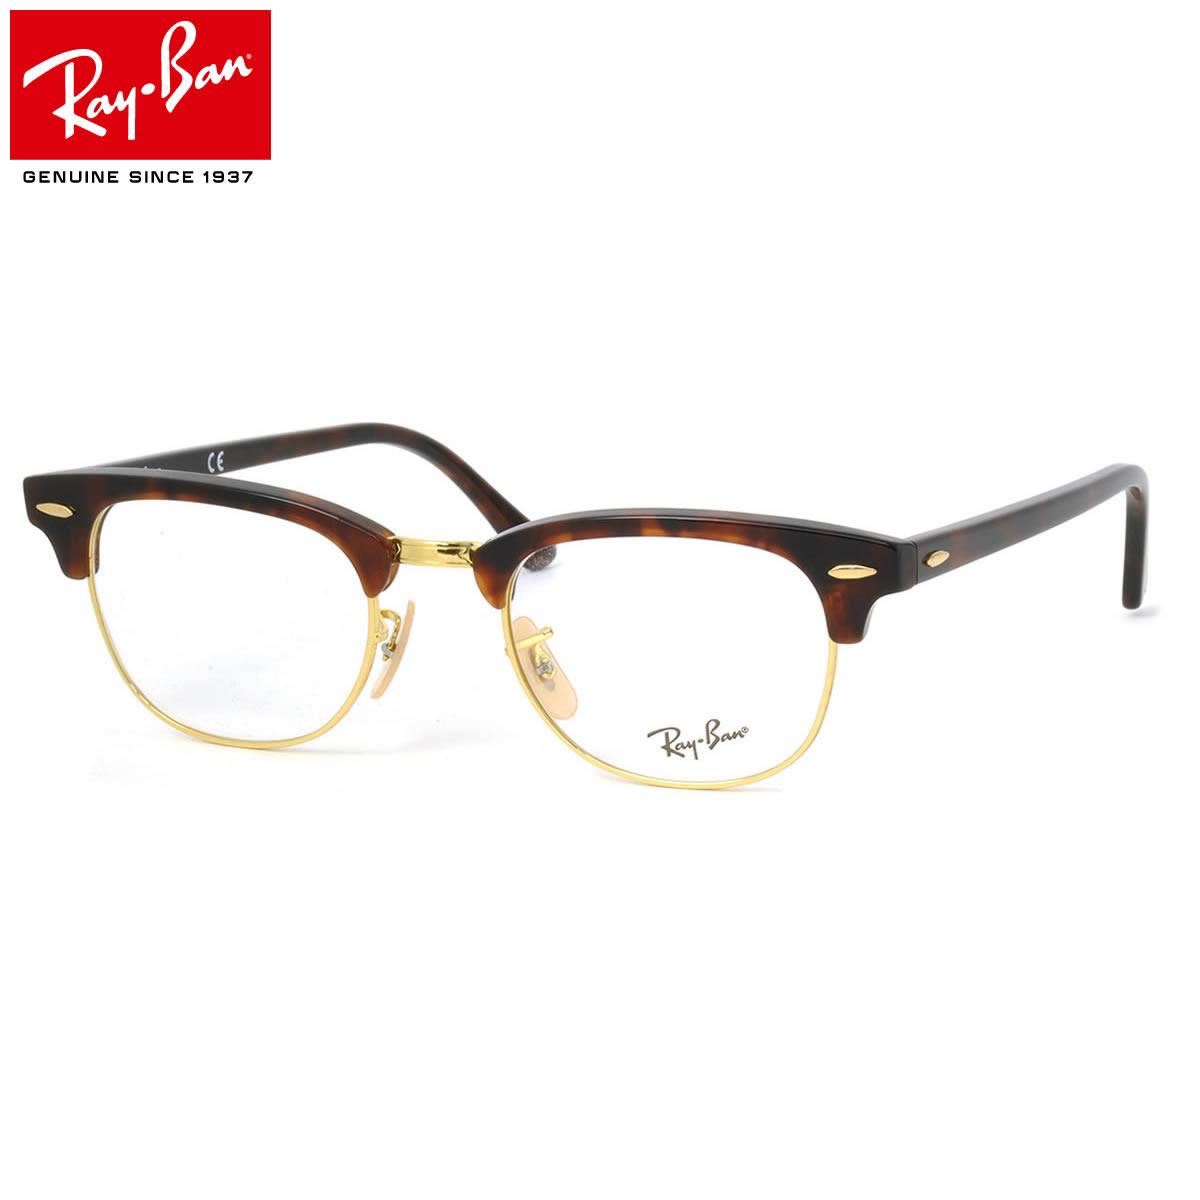 【Ray-Ban】(レイバン) クラブマスター メガネ フレーム RX5154 2372 49サイズ 伊達メガネ 度付き レイバン RAYBAN CLUB MASTER メンズ レディース